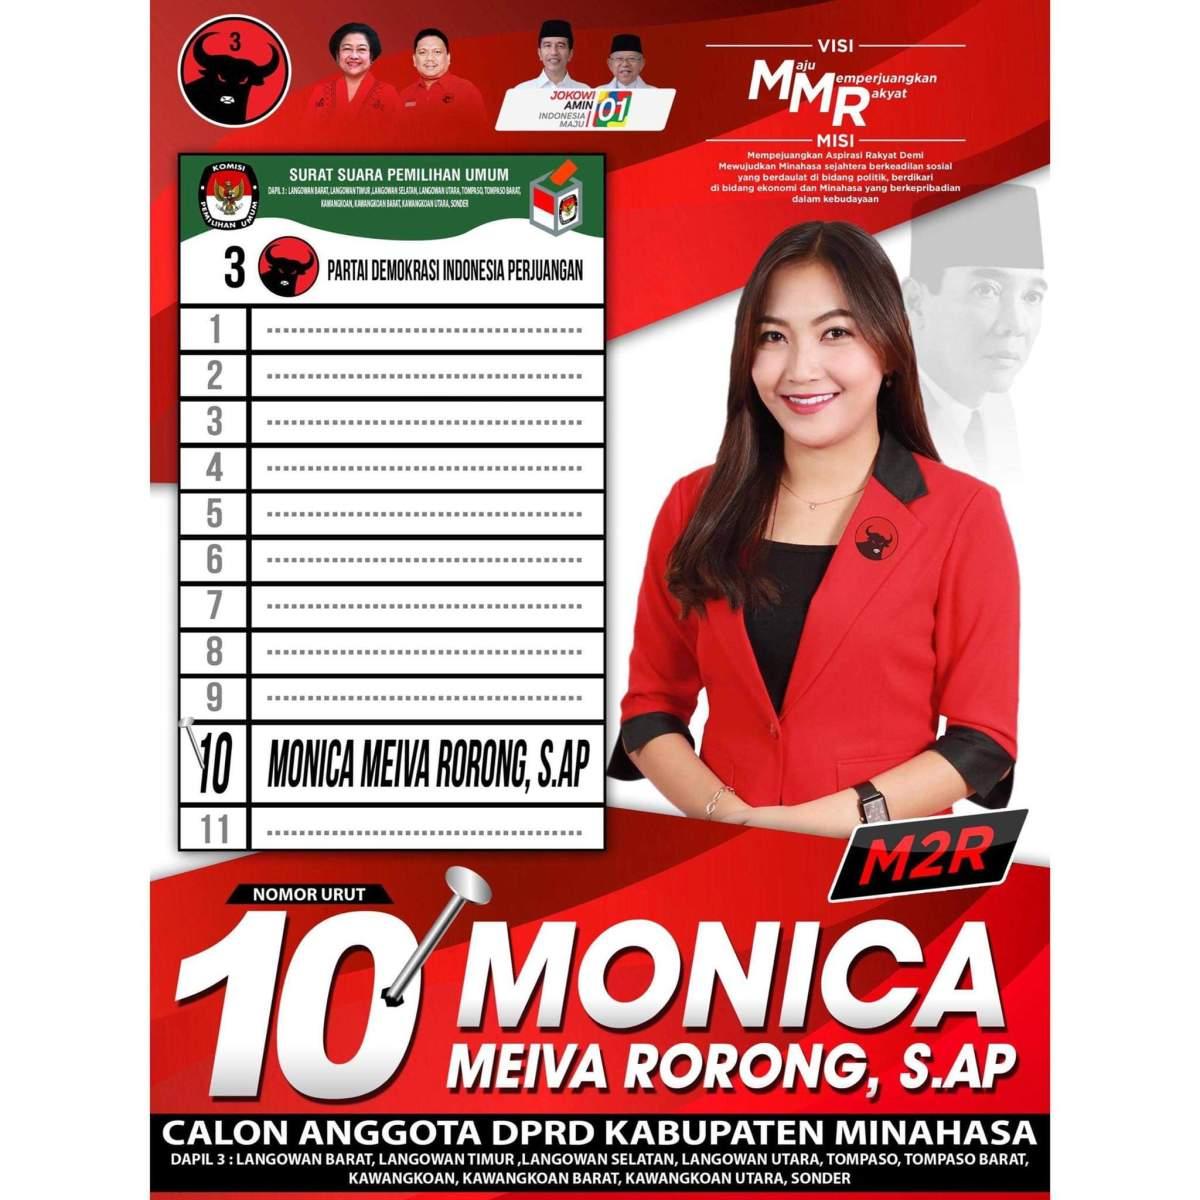 Monica Meiva Rorong, Generasi Millenial yang siap Perjuangkan Aspirasi Rakyat di DPRD Minahasa